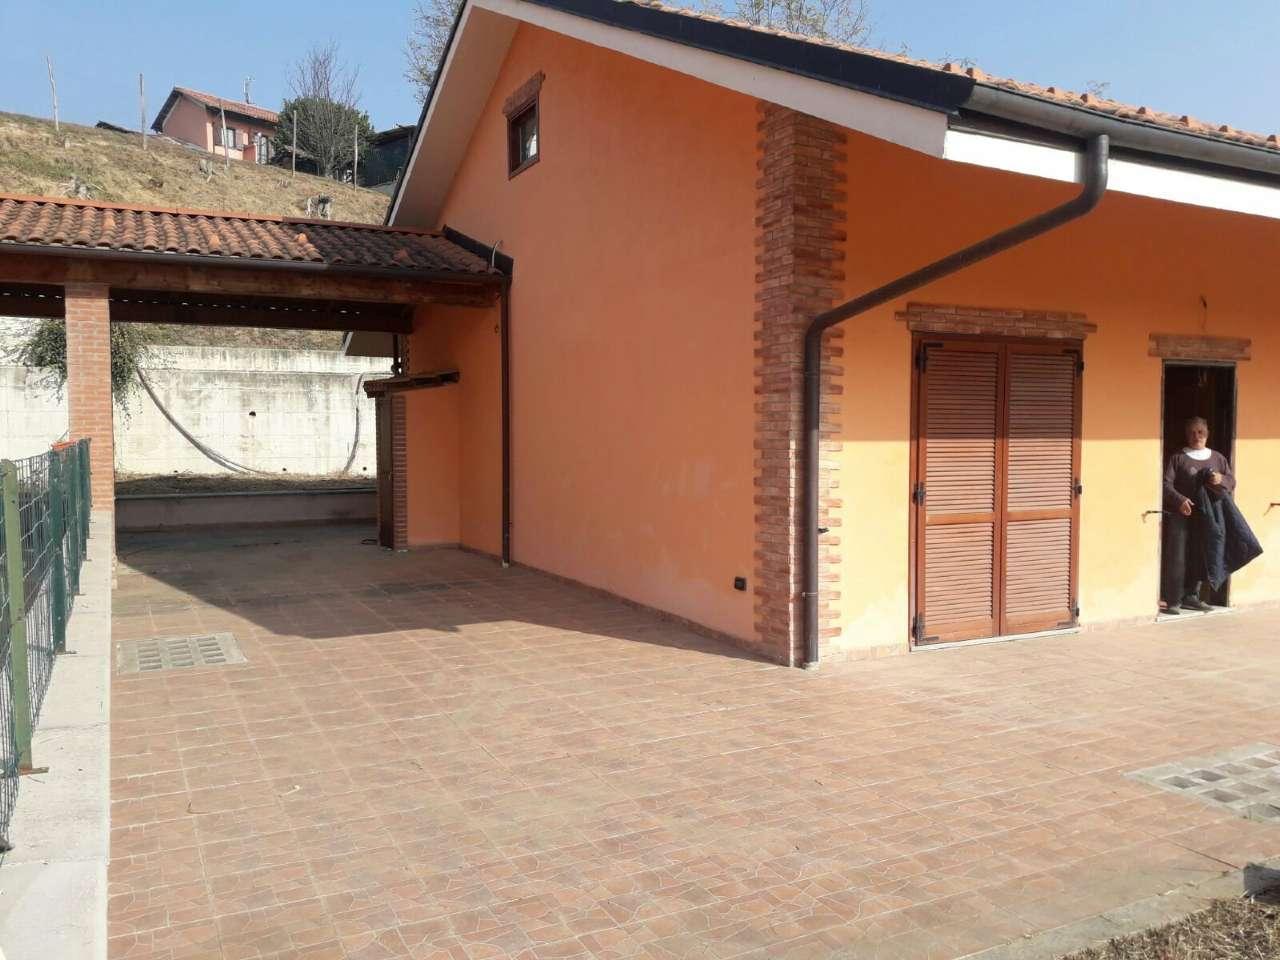 Villa in vendita a Mombello di Torino, 4 locali, prezzo € 215.000 | CambioCasa.it